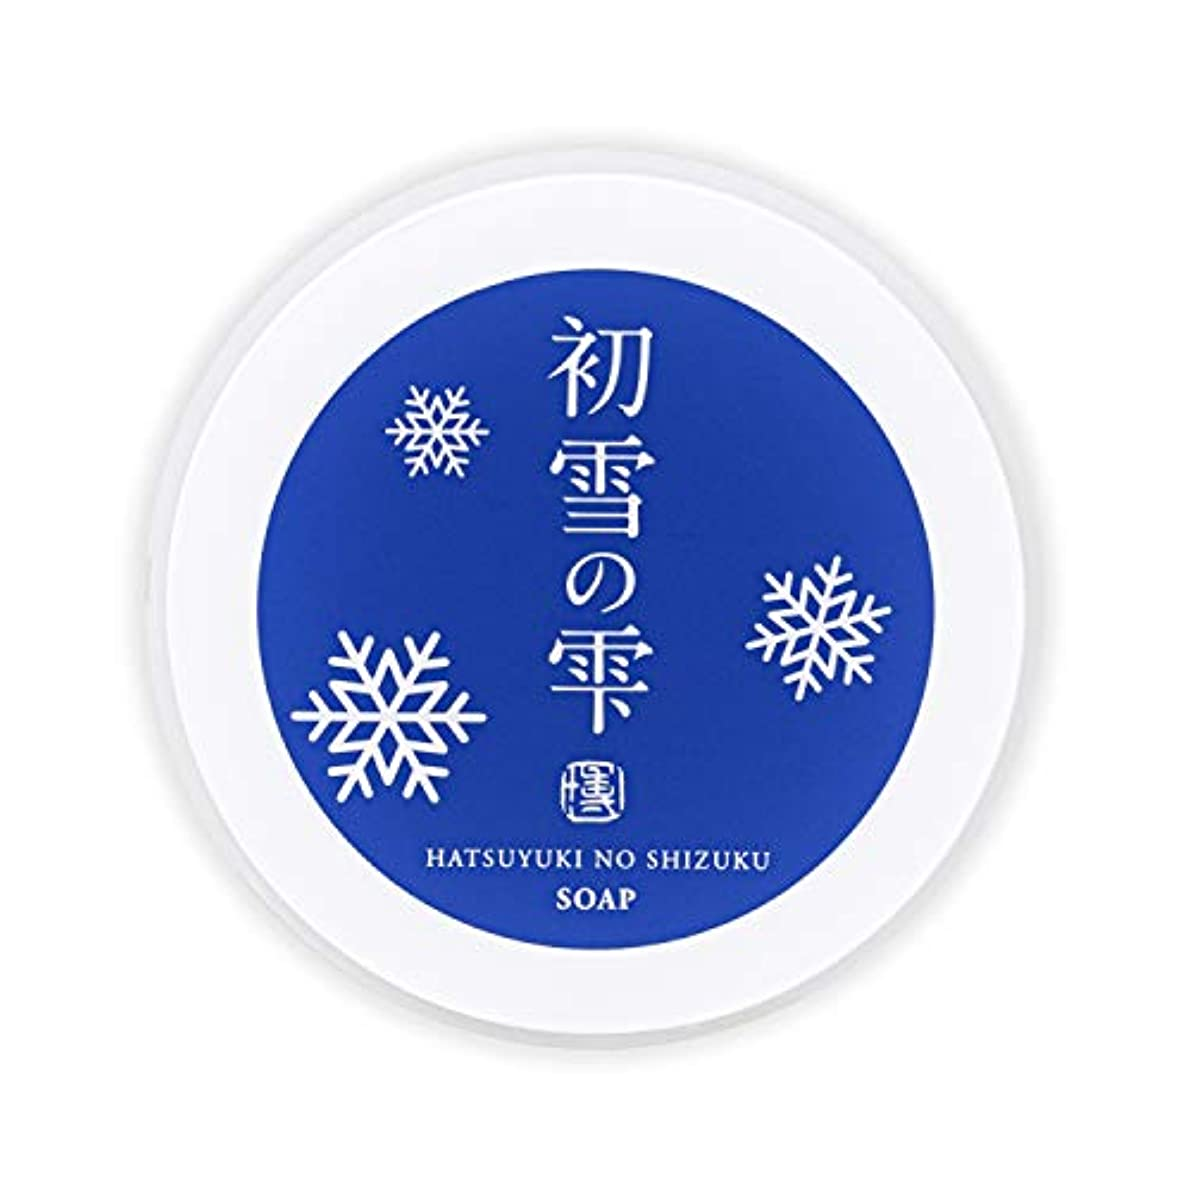 より良いかんがい添加初雪の雫 泡 洗顔 練り せっけん ジャータイプ 34g 約2週間分 [プラセンタ ヒアルロン酸 セラミド ビタミンC ]